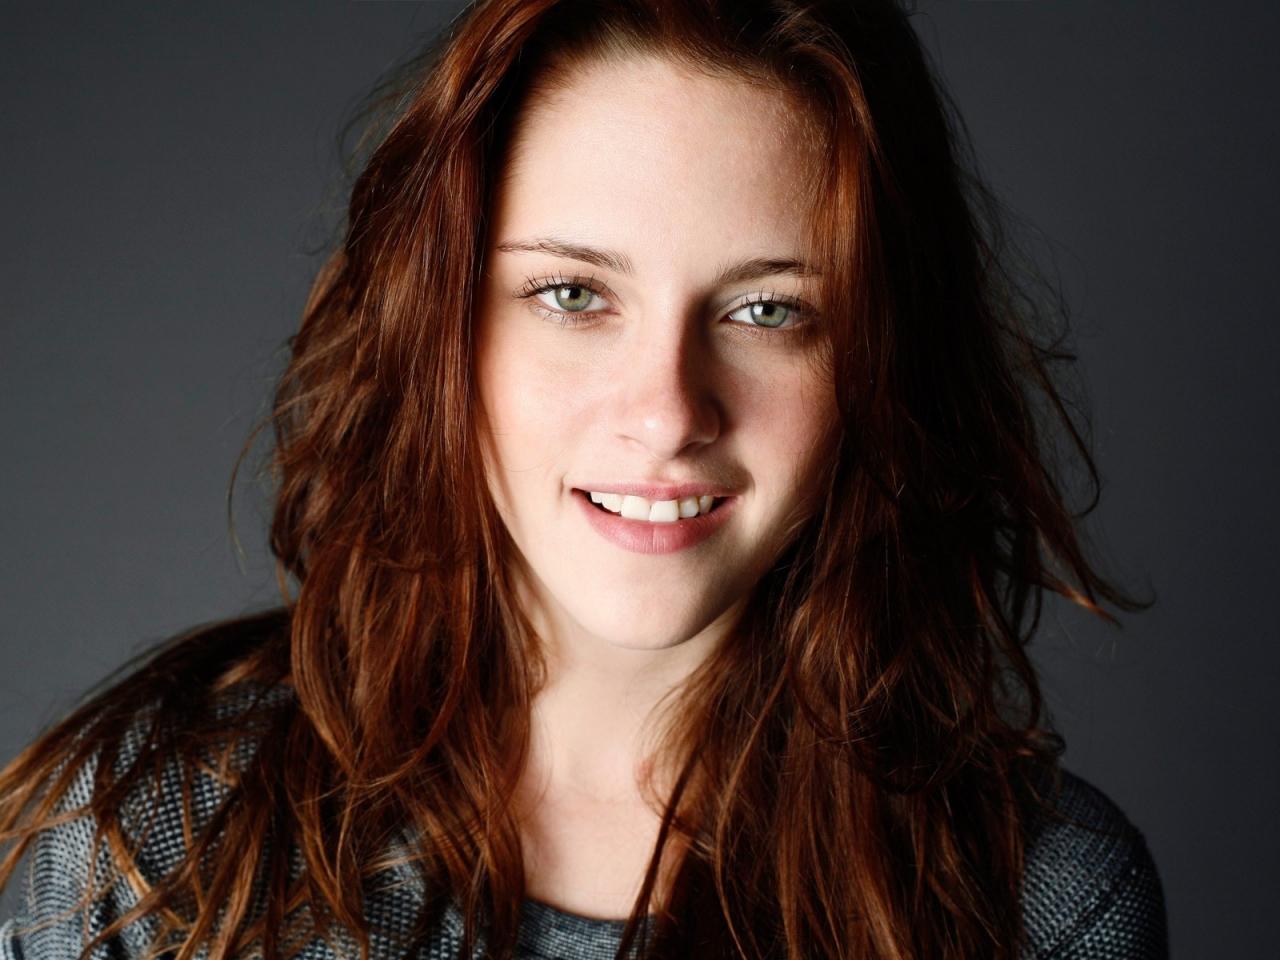 Kristen Stewart - 1280x960